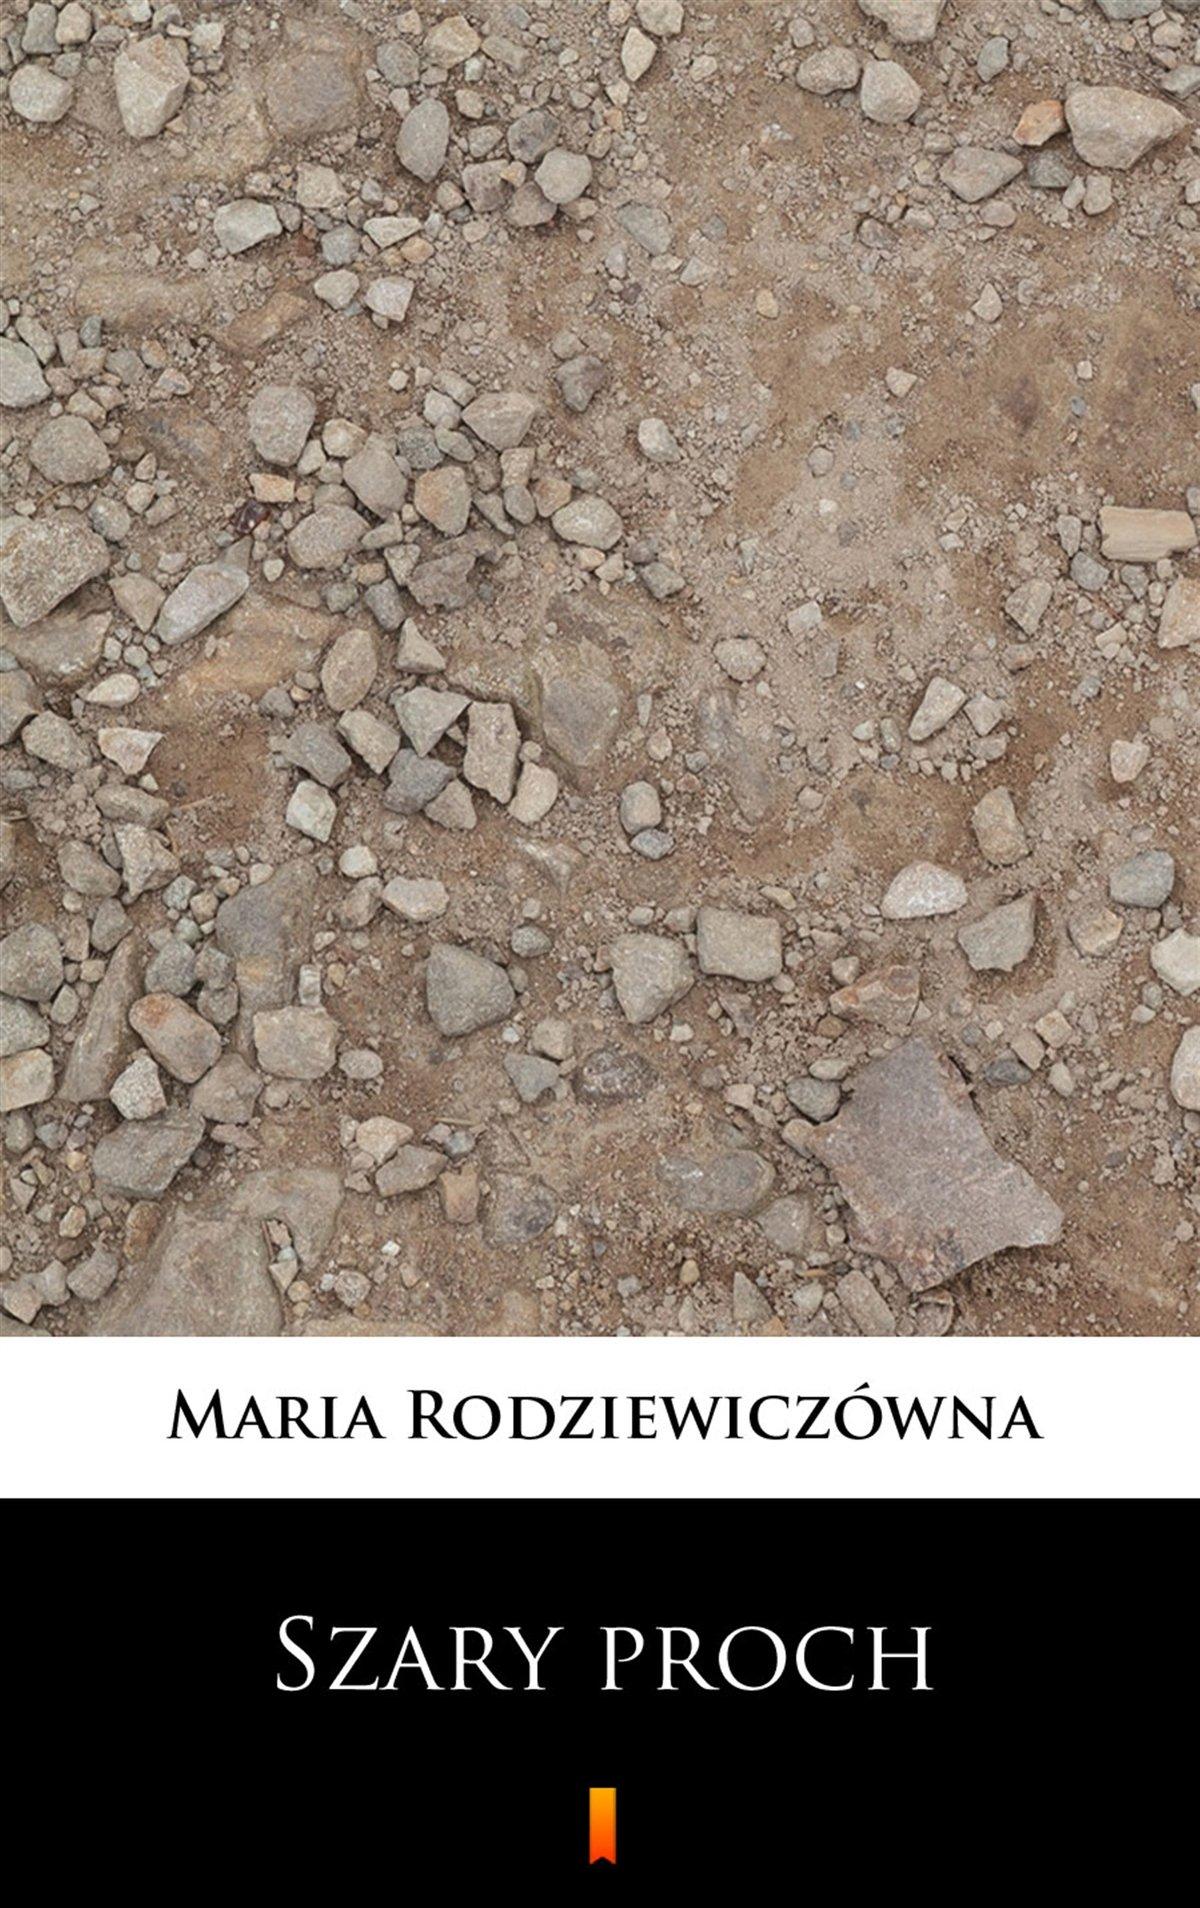 Szary proch - Ebook (Książka na Kindle) do pobrania w formacie MOBI